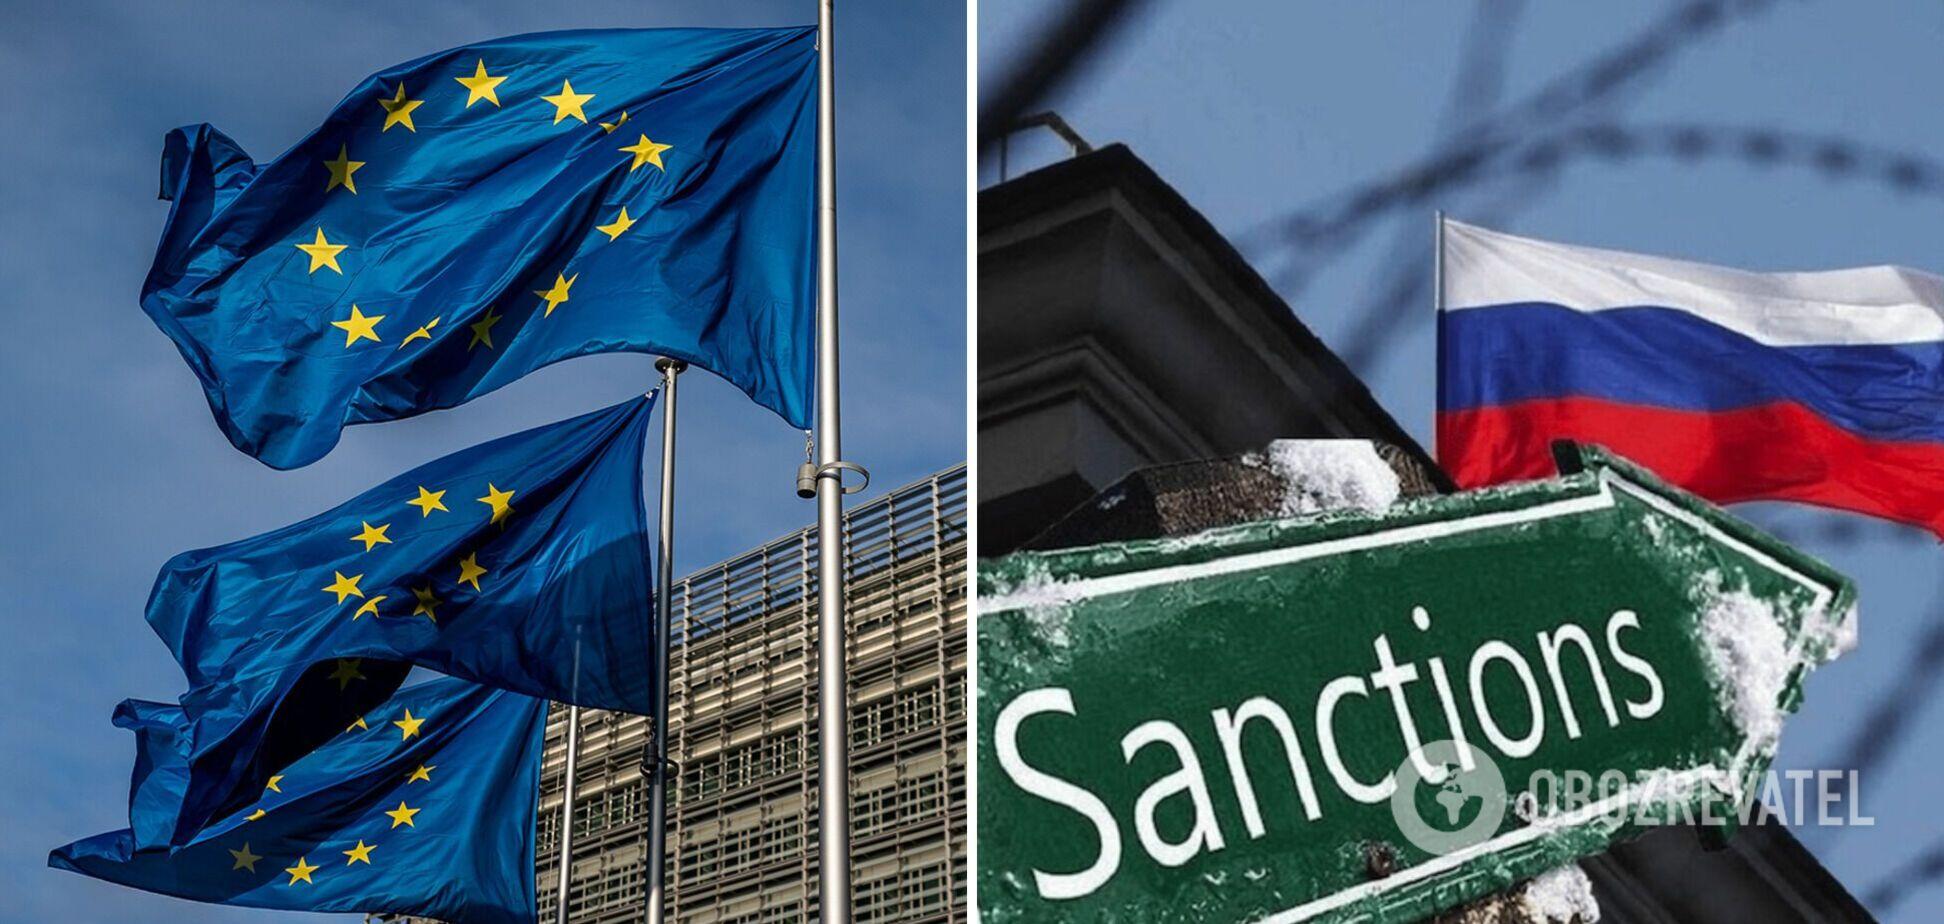 В Еврокомиссии прокомментировали обход санкций против России: в Крыму нашли фильтры немецкого производства